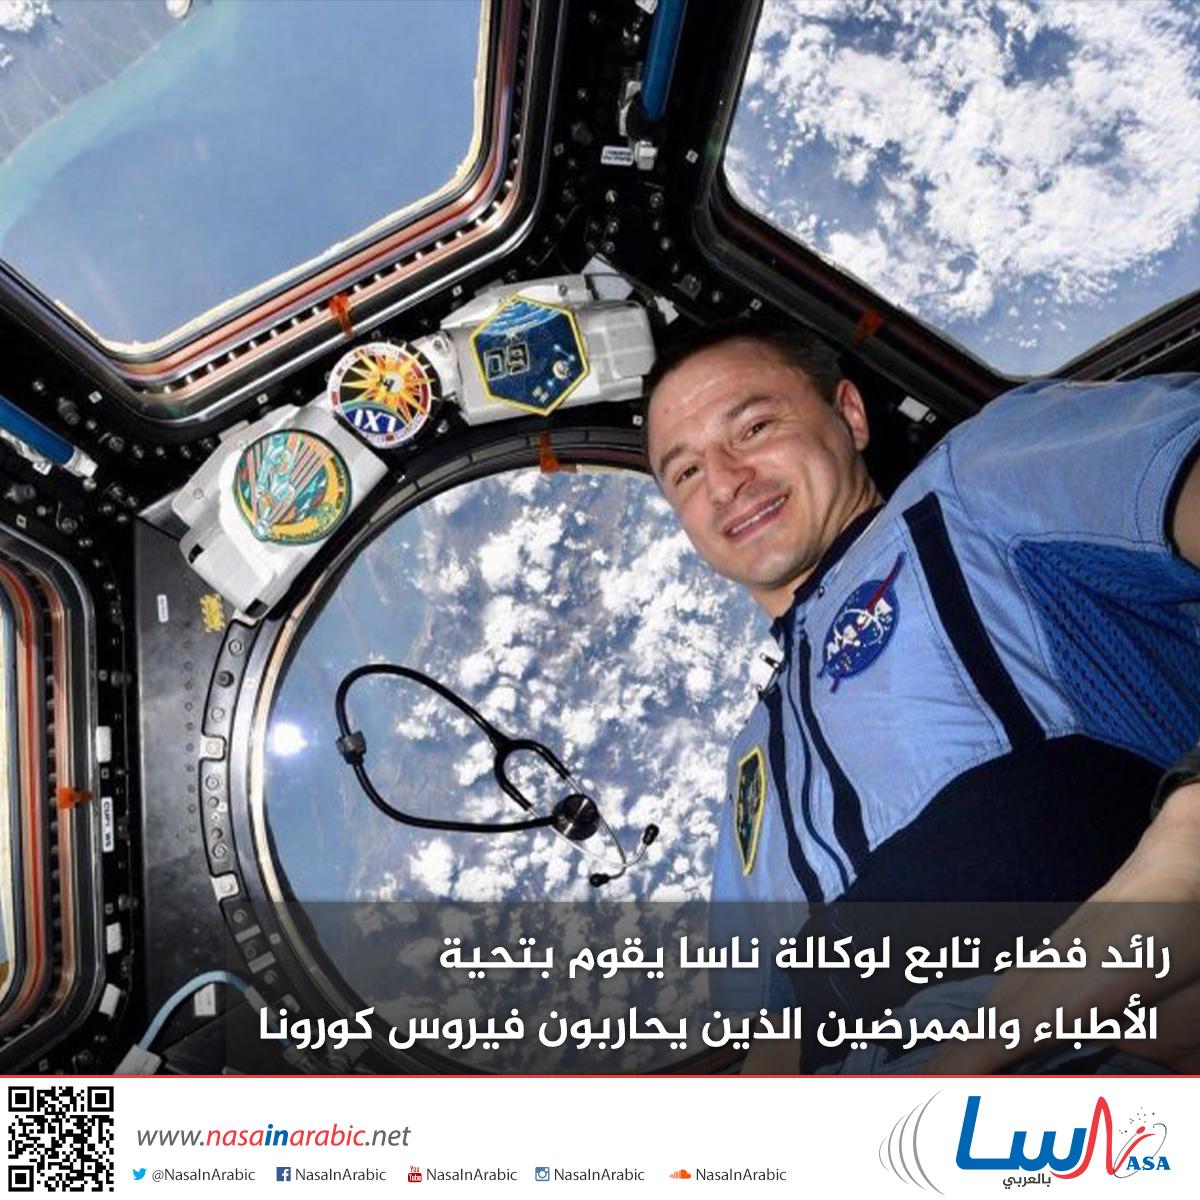 رائد فضاء في وكالة ناسا يقوم بتحية الأطباء والممرضين الذين يحاربون فيروس كورونا من المدار